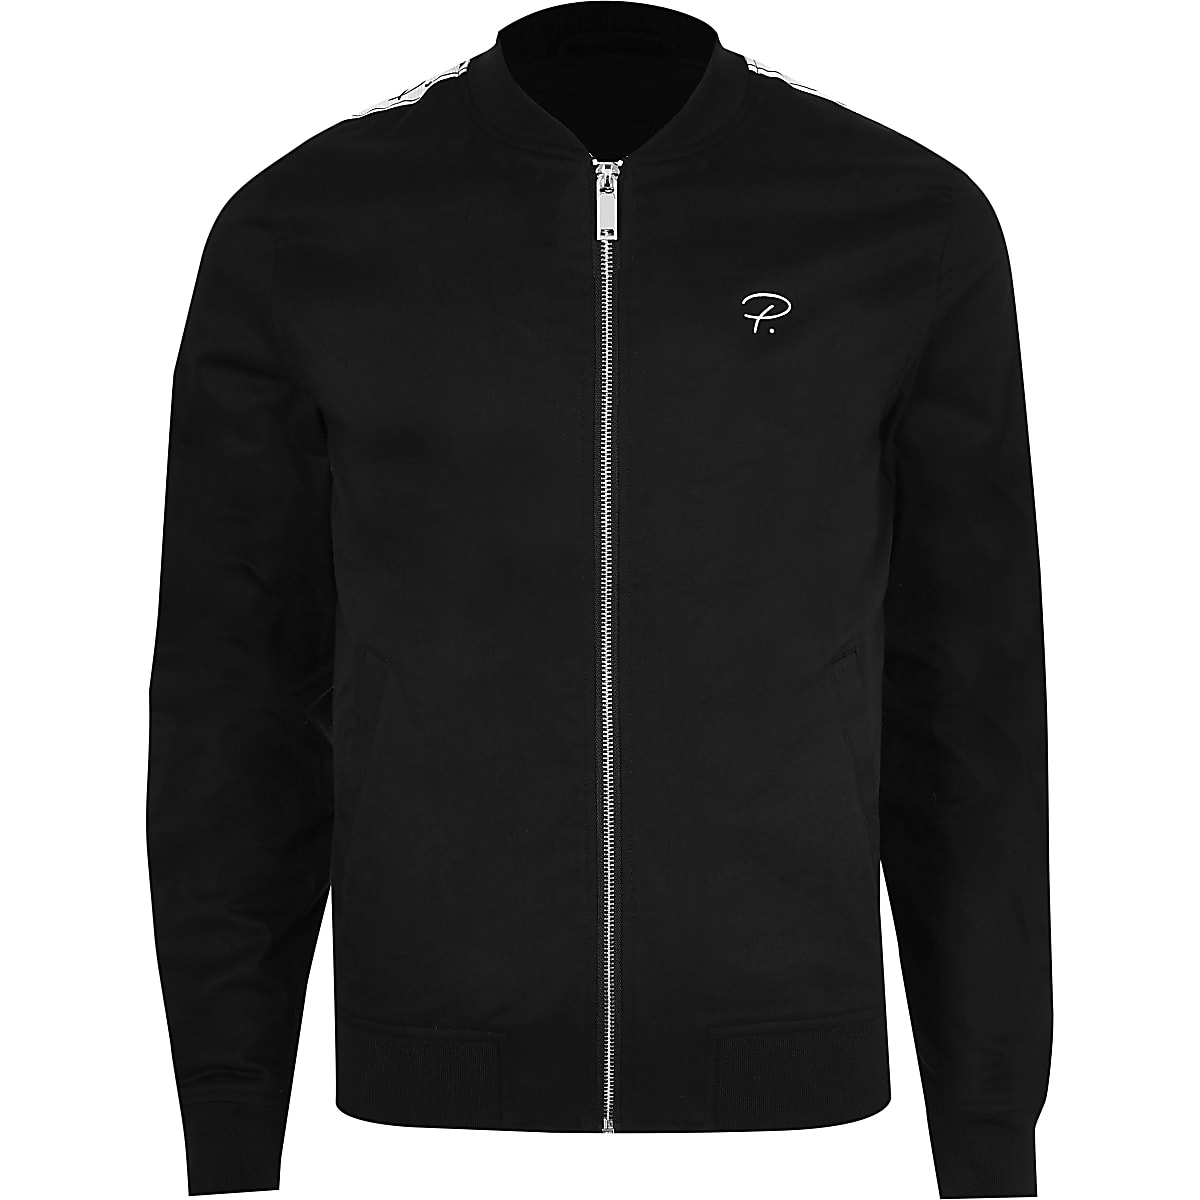 0b590eaf8 Black Prolific muscle fit bomber jacket